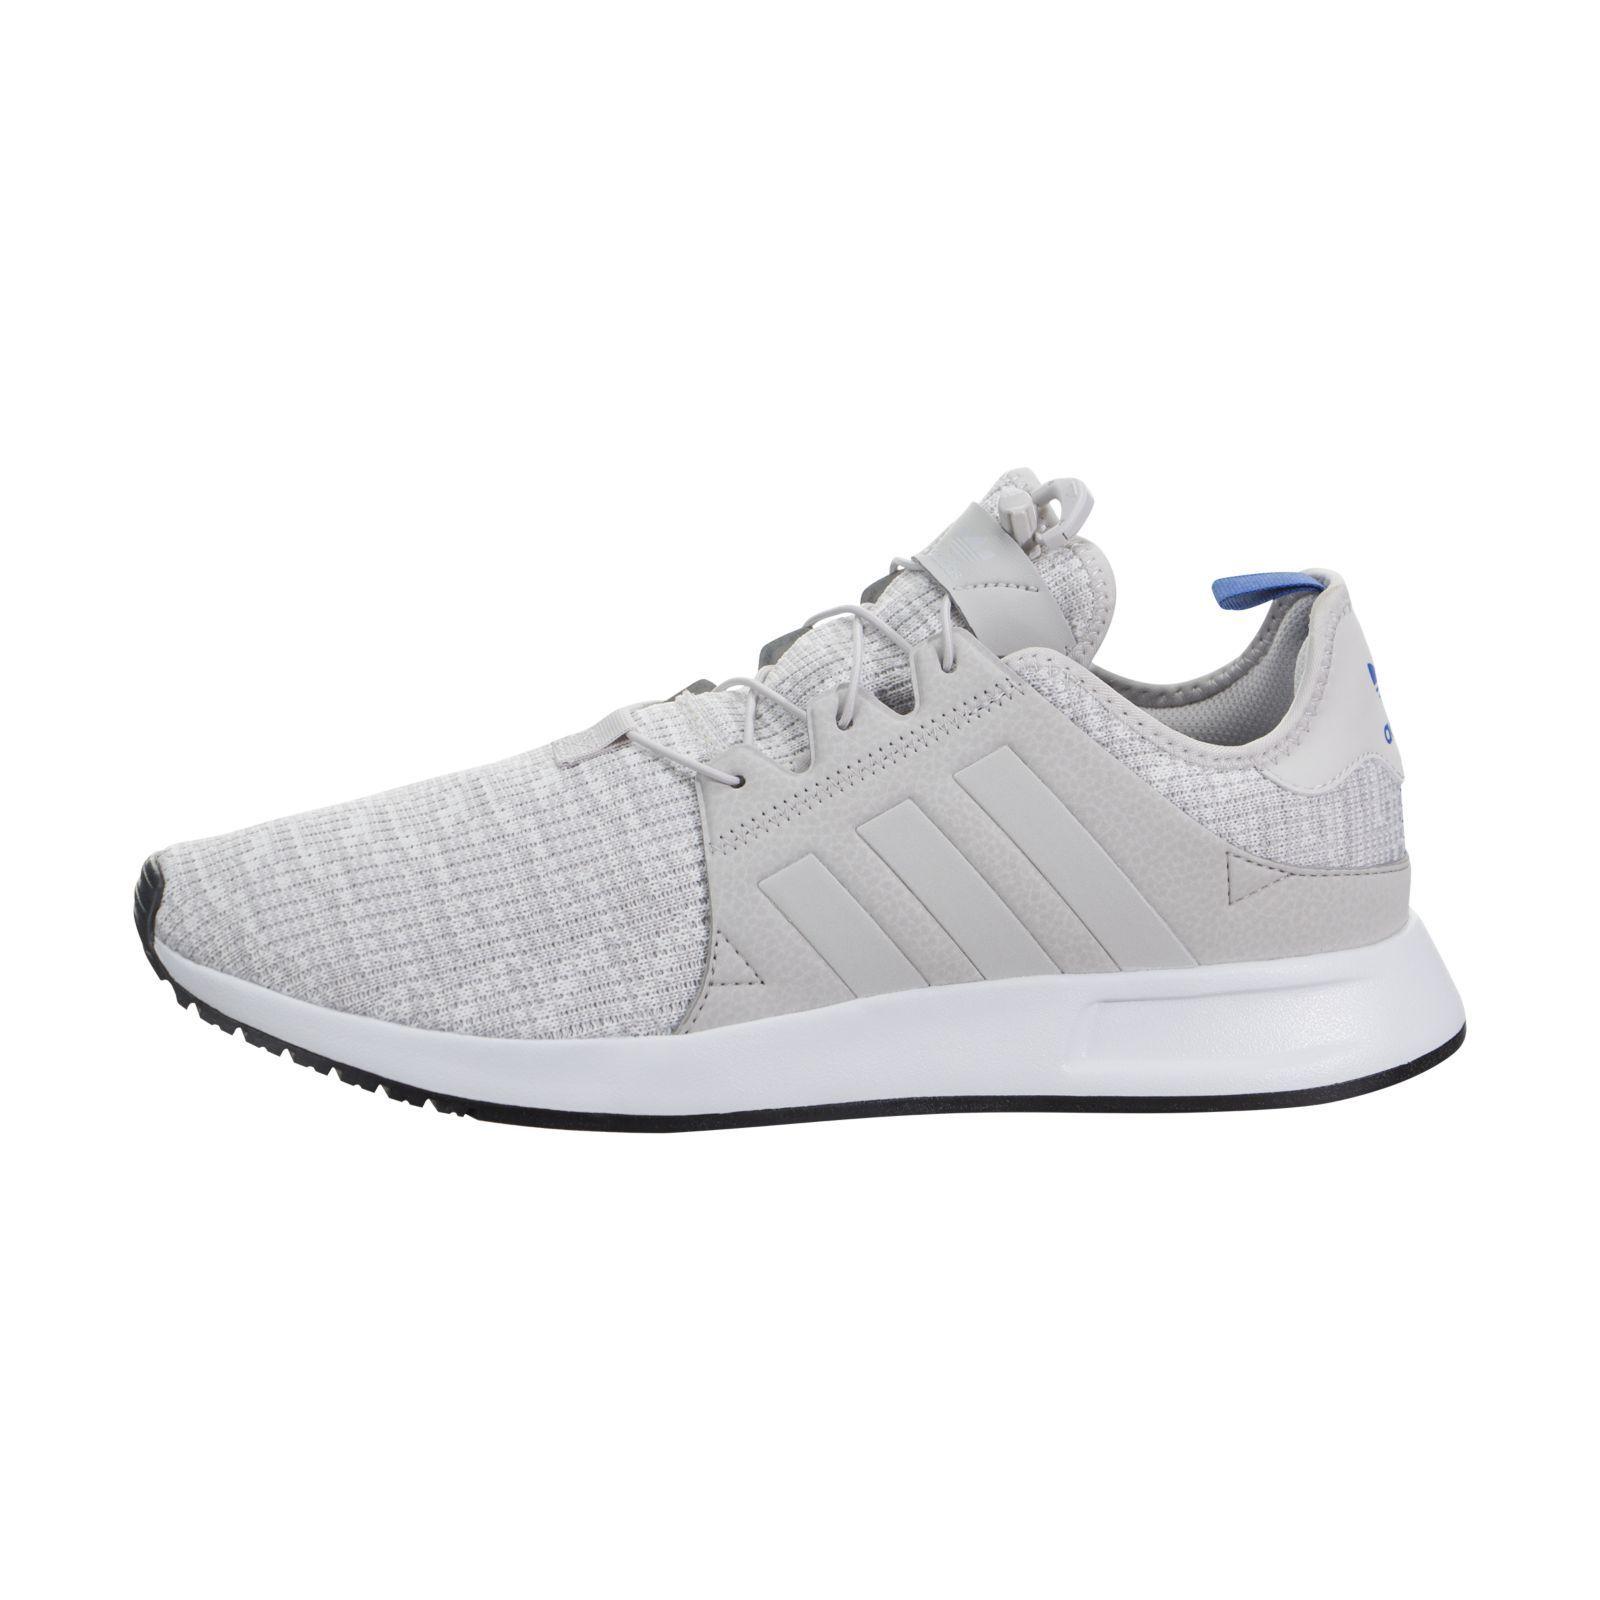 Cheap Nice Adidas X_PLR on the sale